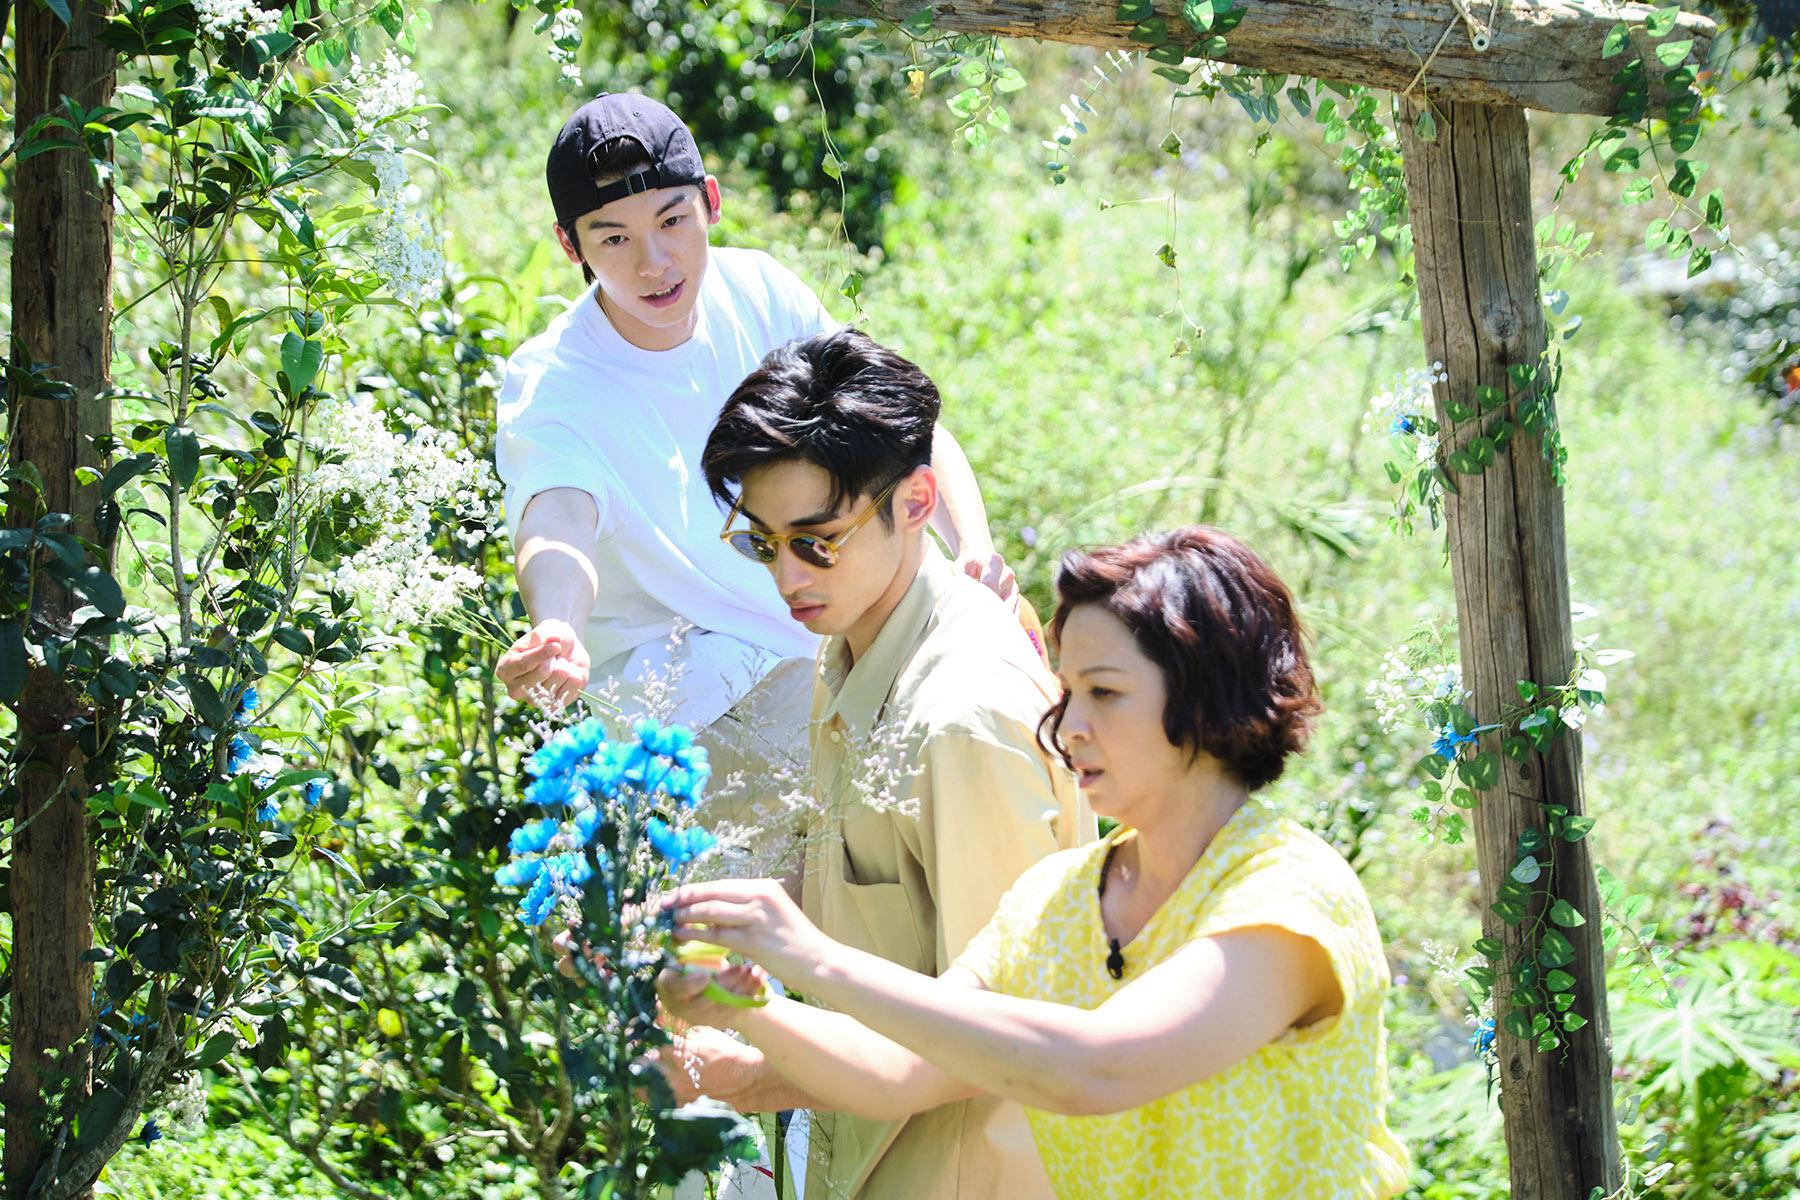 楊貴媚經營民宿舉辦同志婚禮,讓實境節目增添教育意義